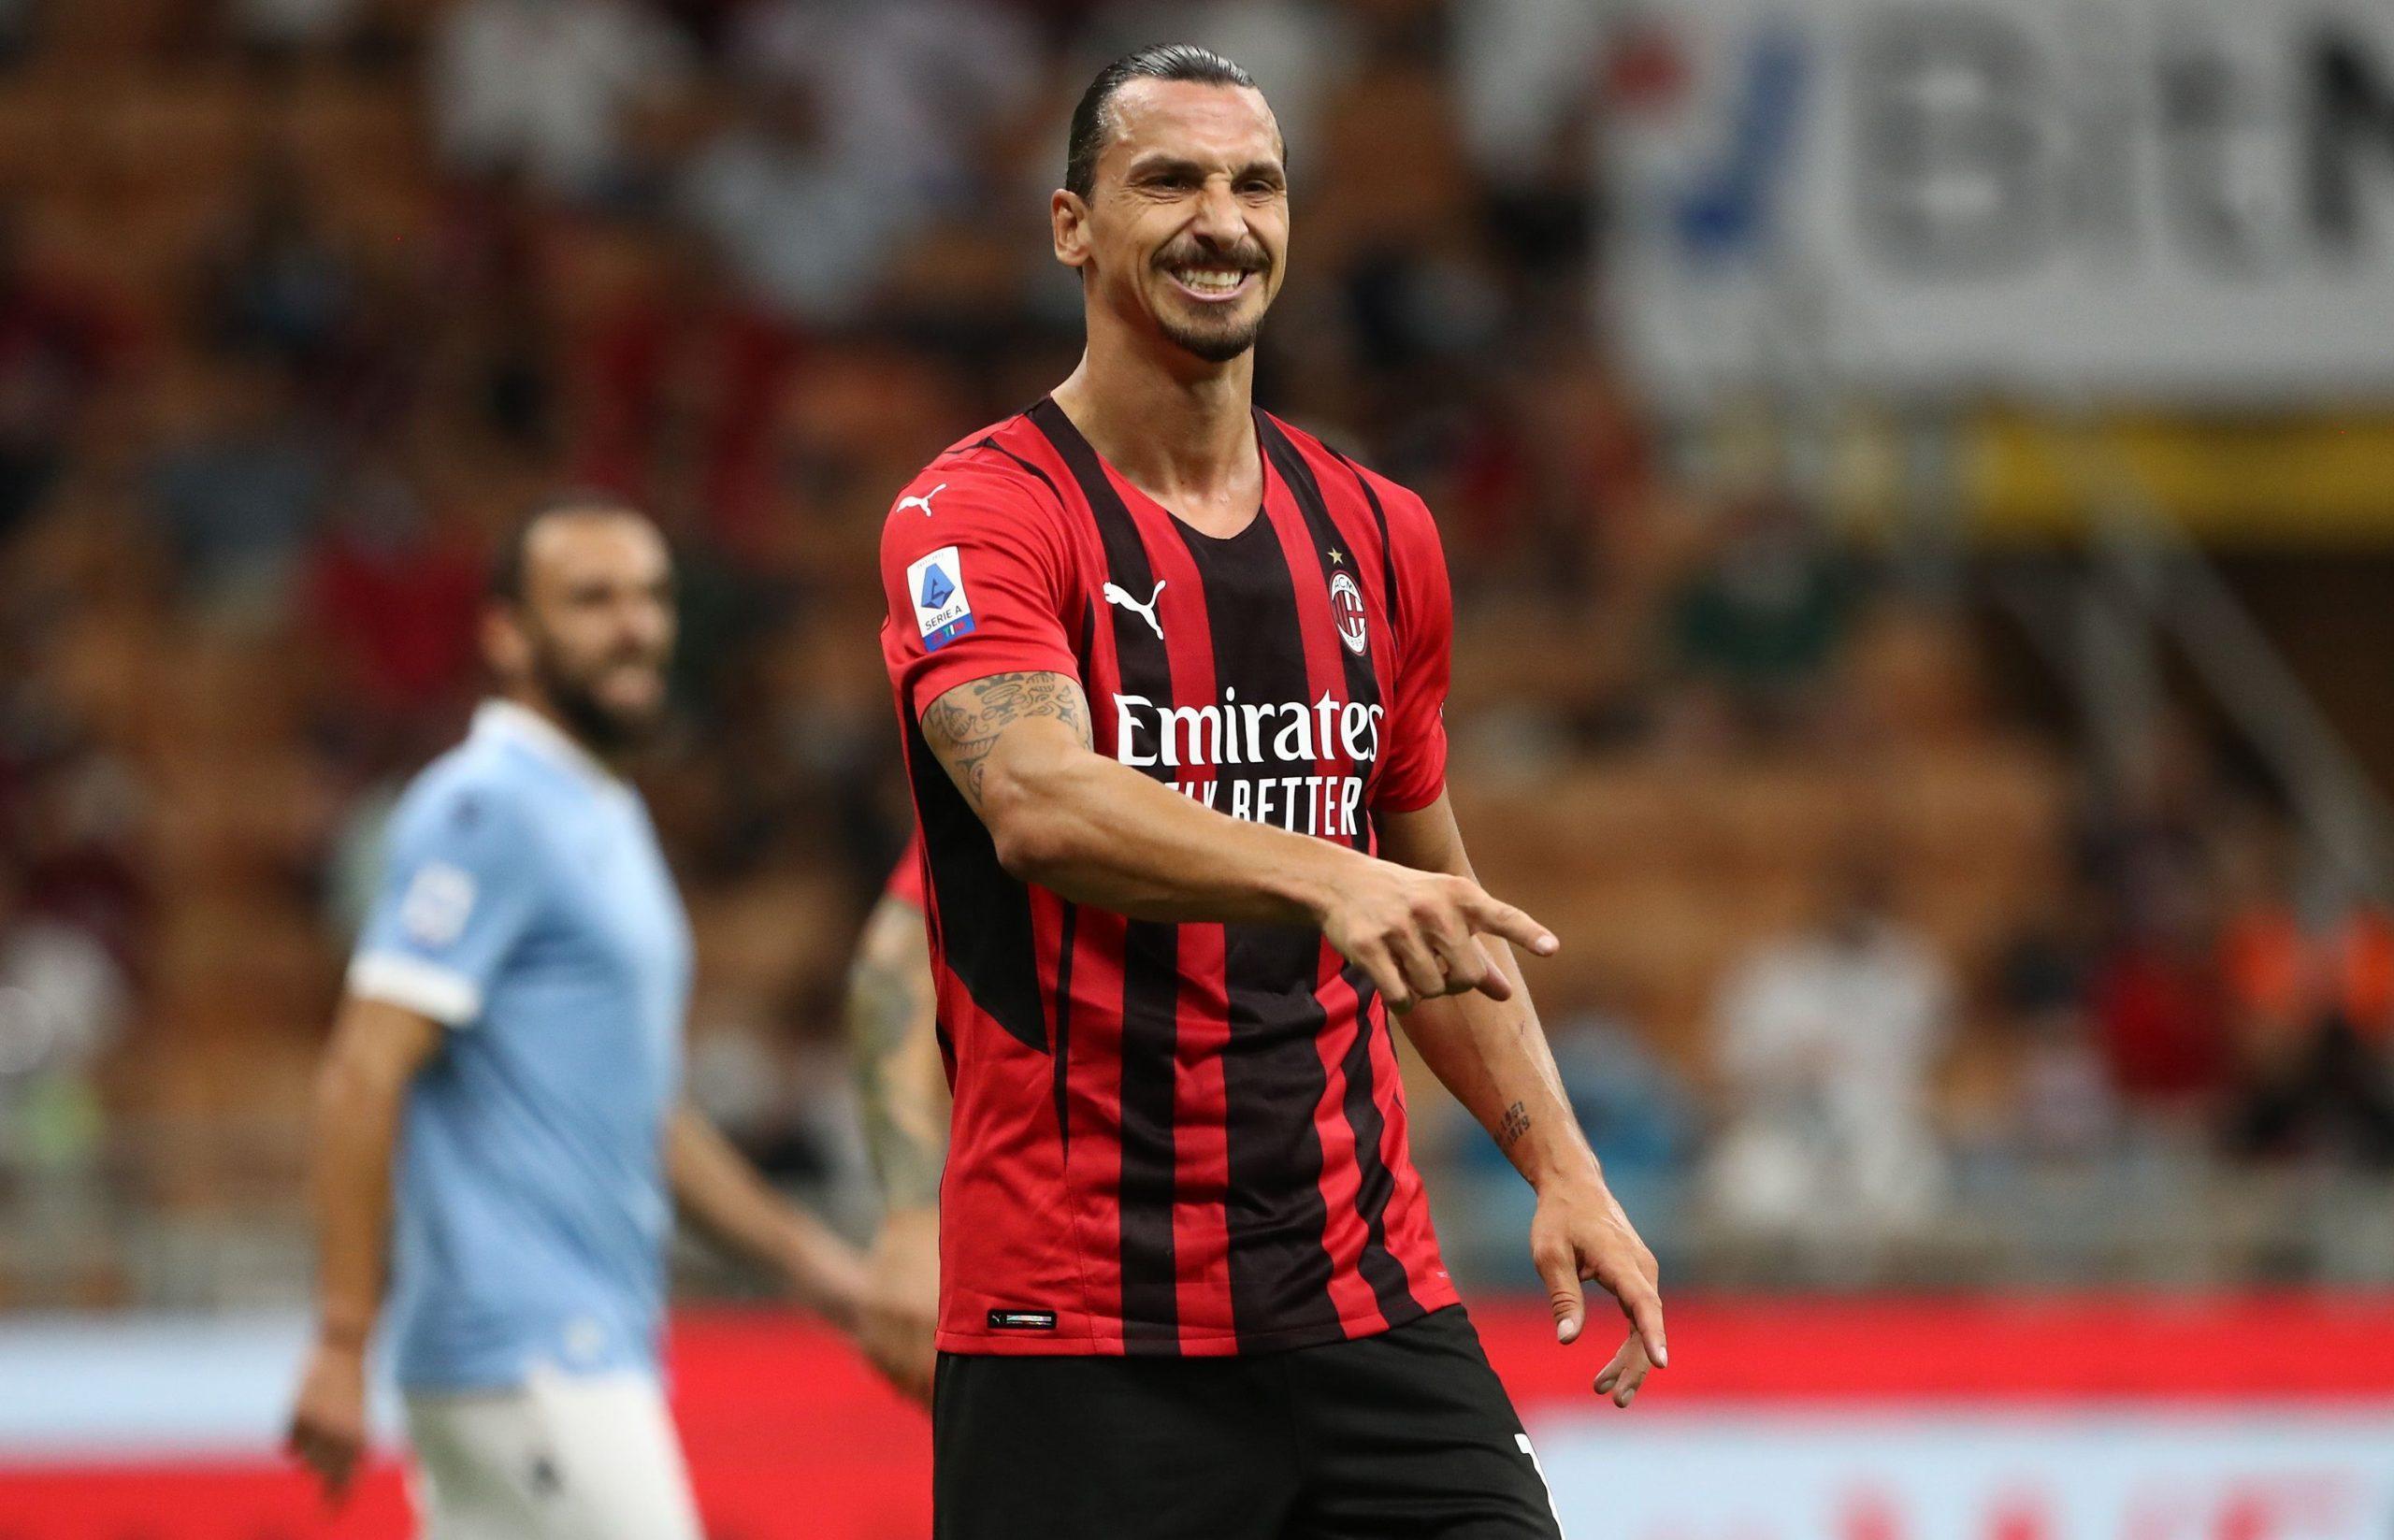 Disa ditë pushim për Kjaer, përmirësohen Ibrahimovic dhe Giroud